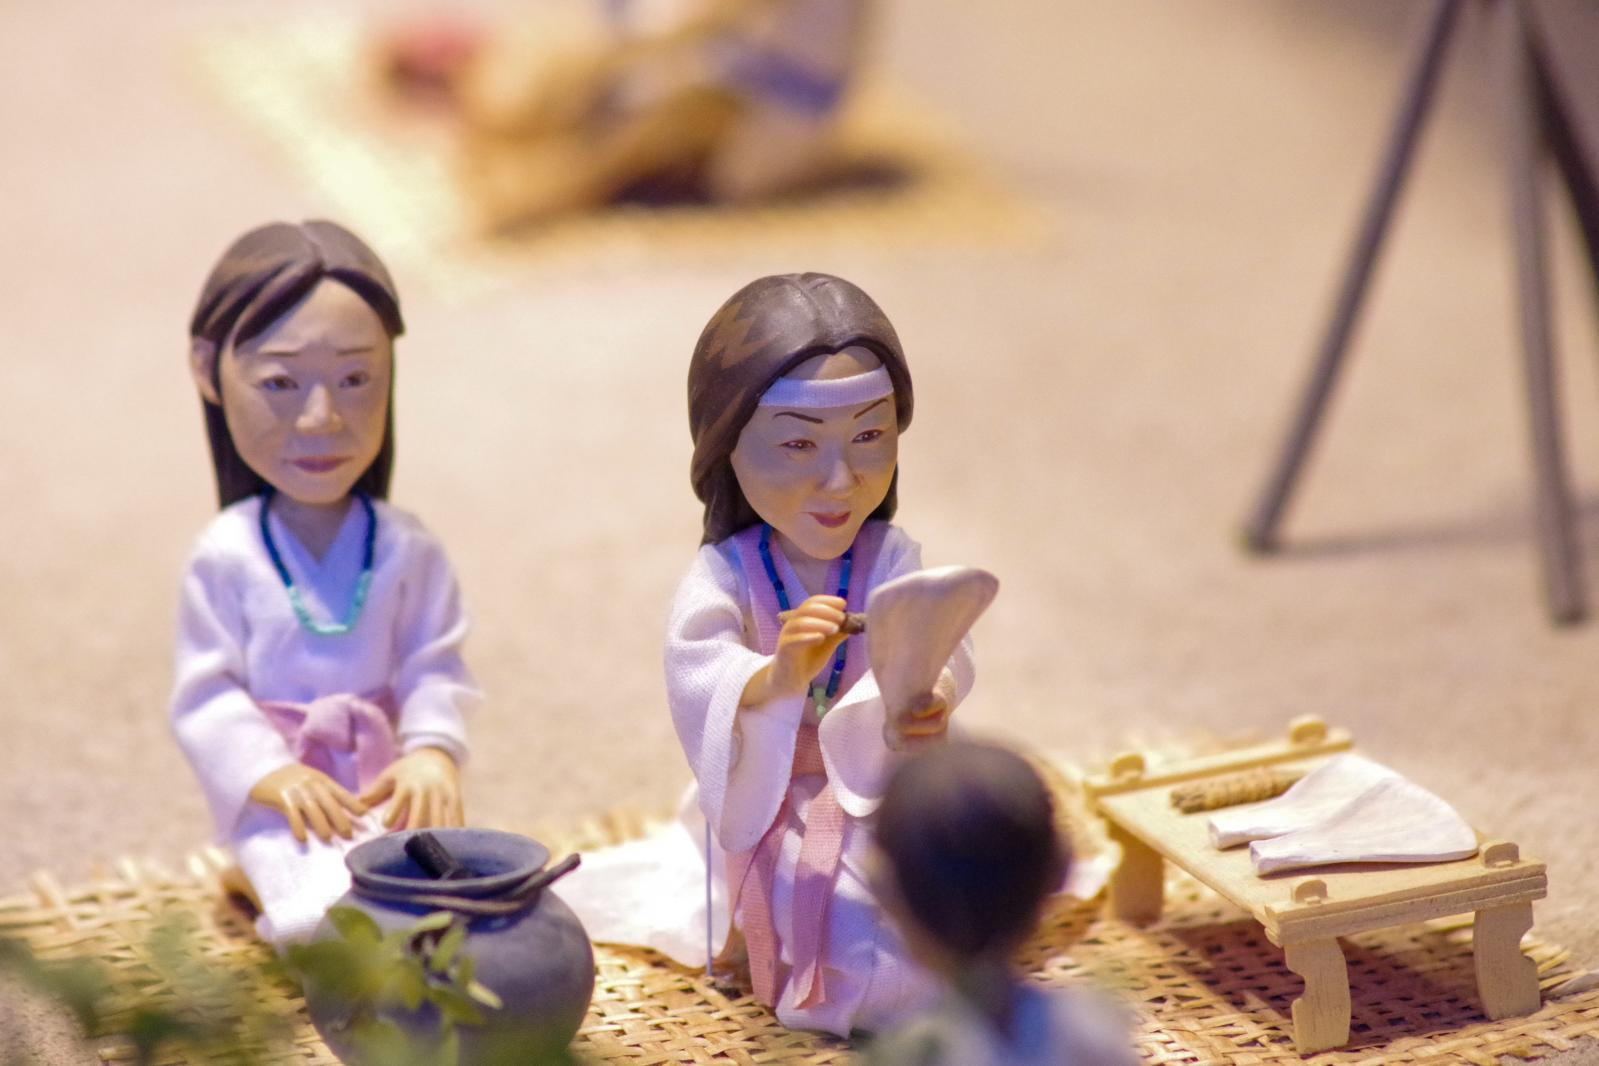 壱岐の歴史を楽しく学べる「一支国(いきこく)博物館」-5